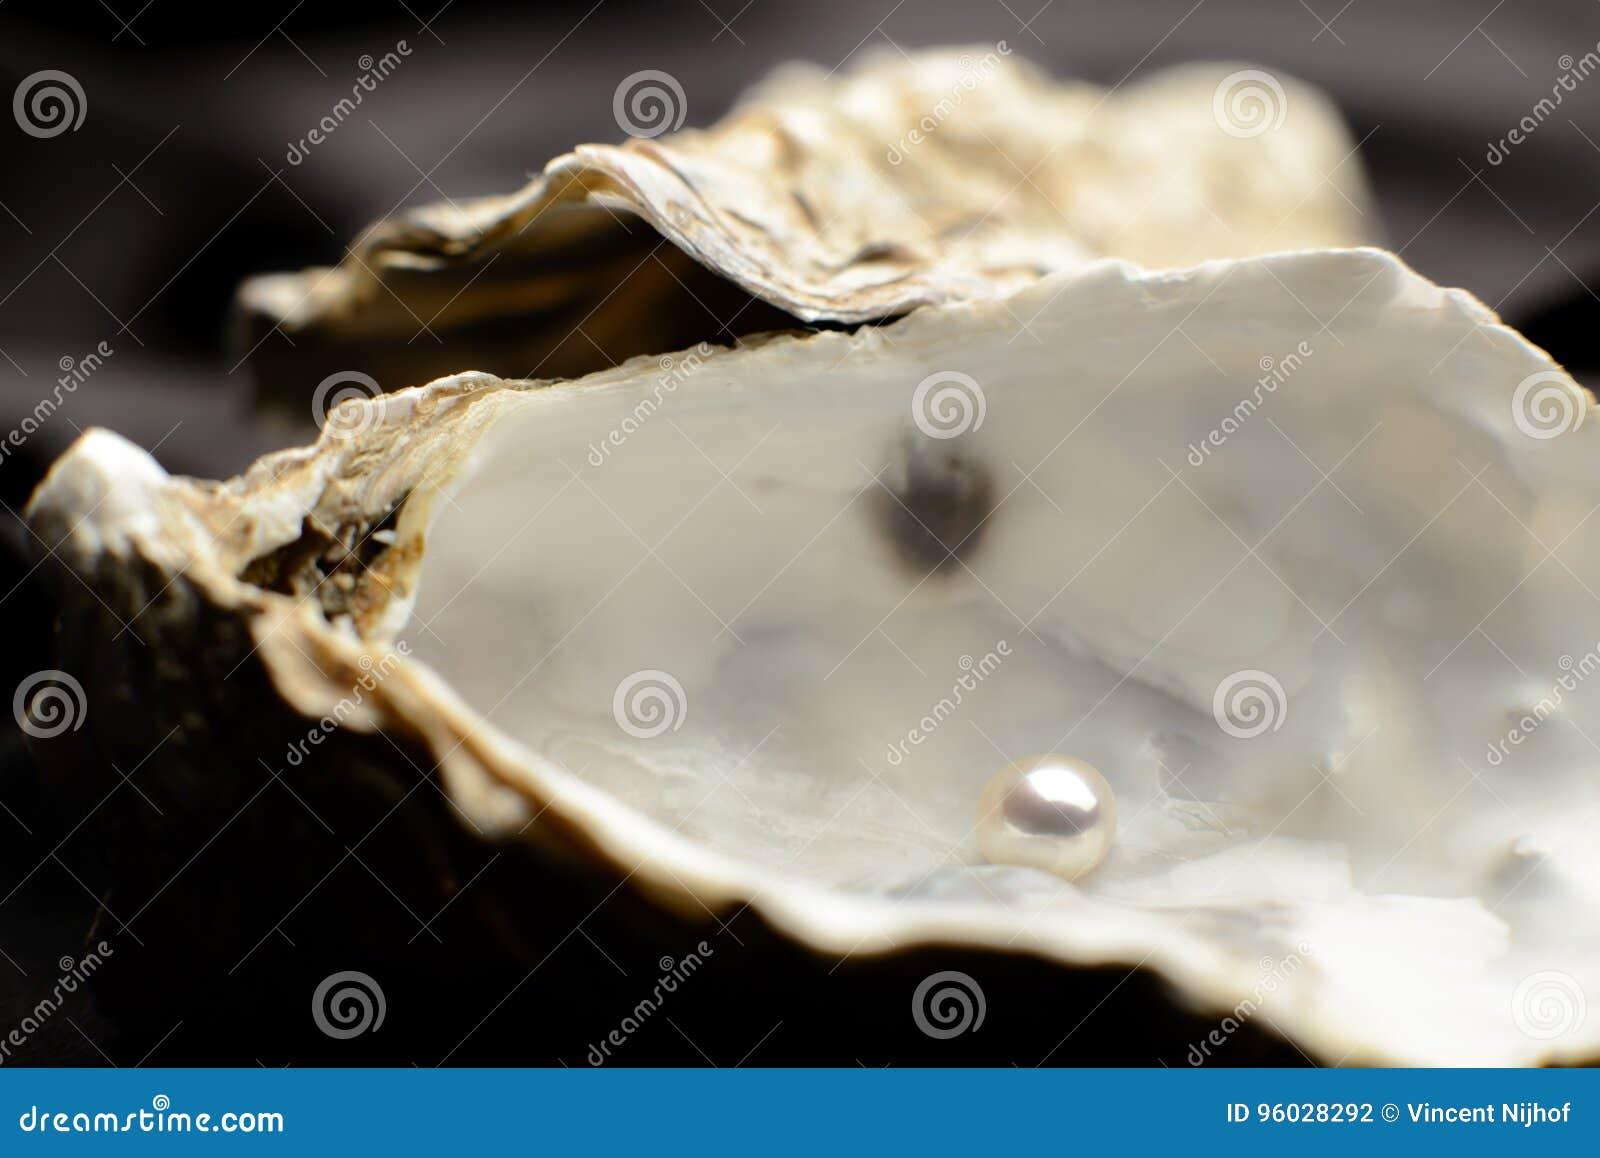 Biżuteria, perła w ostrydze